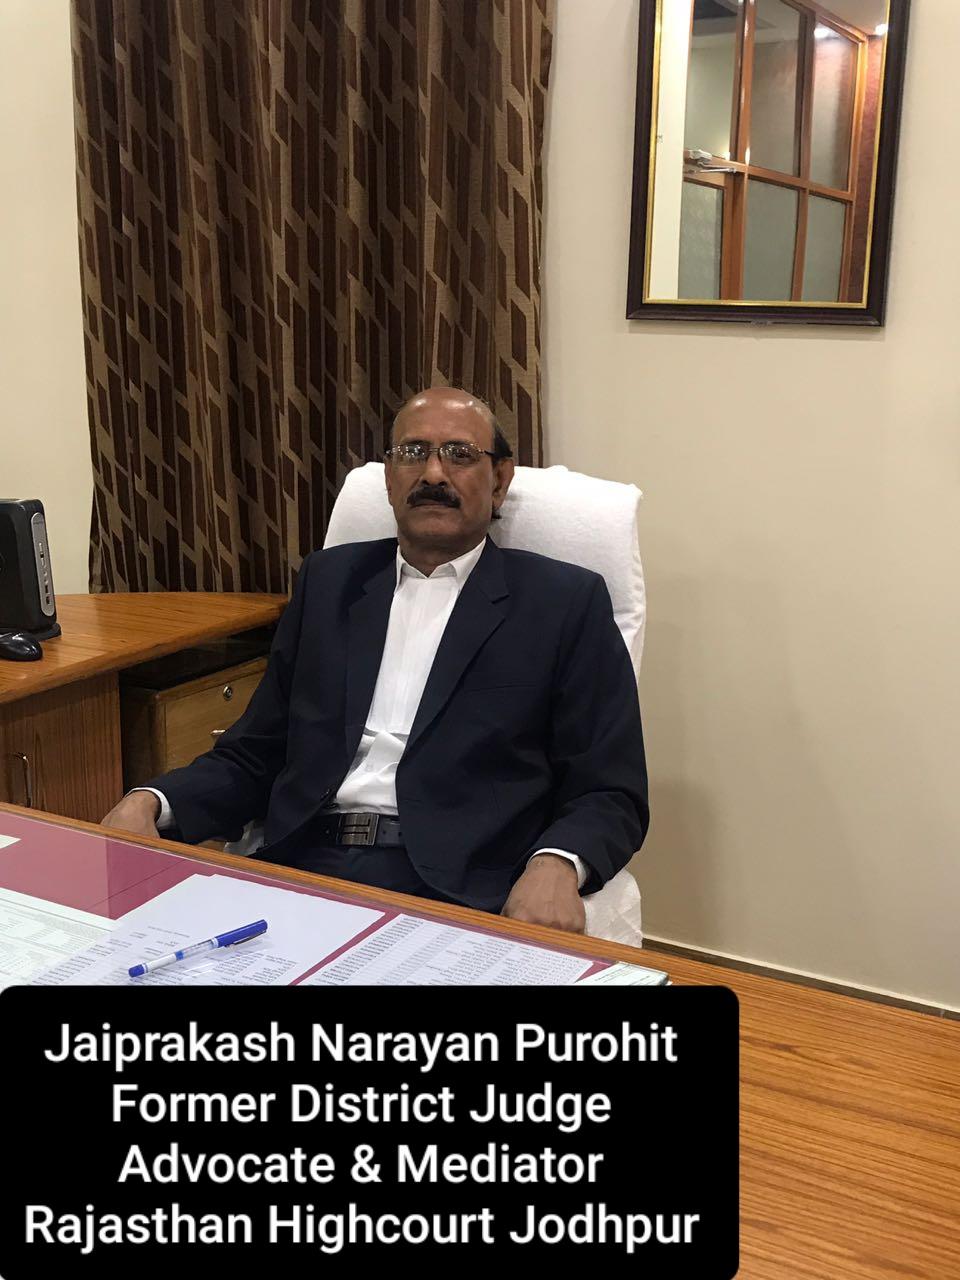 Jaiprakash Narayan Purohit